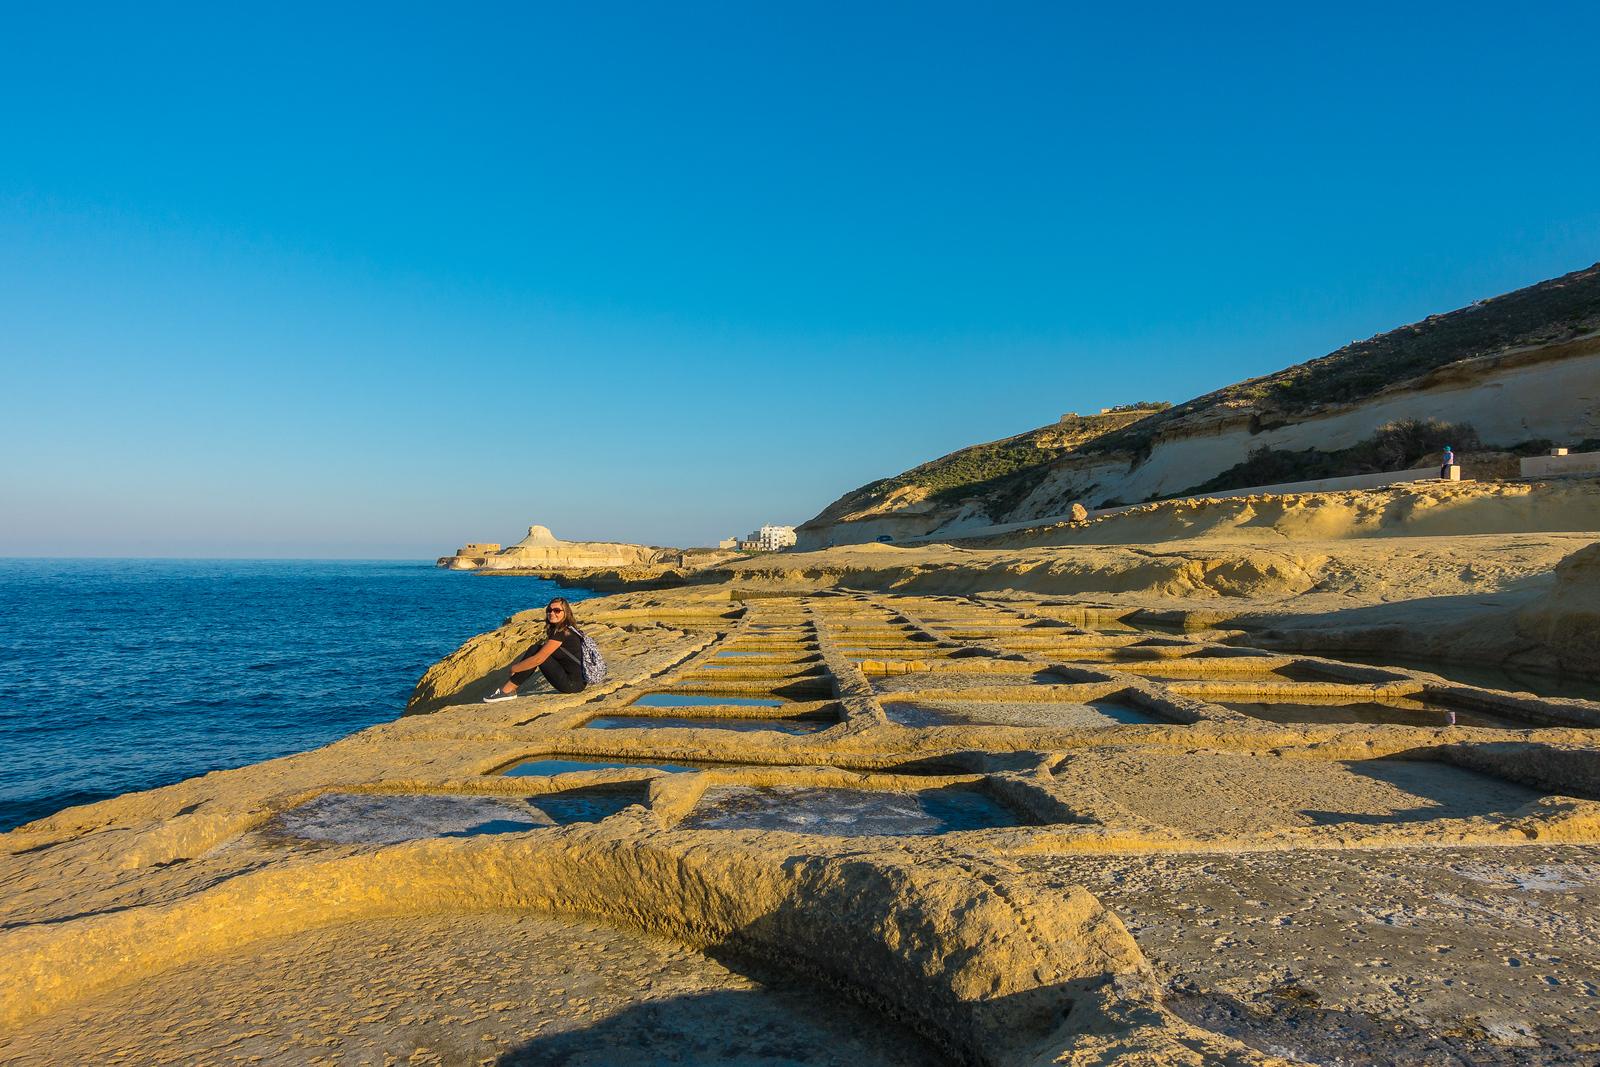 Malta Pictures - salt pans